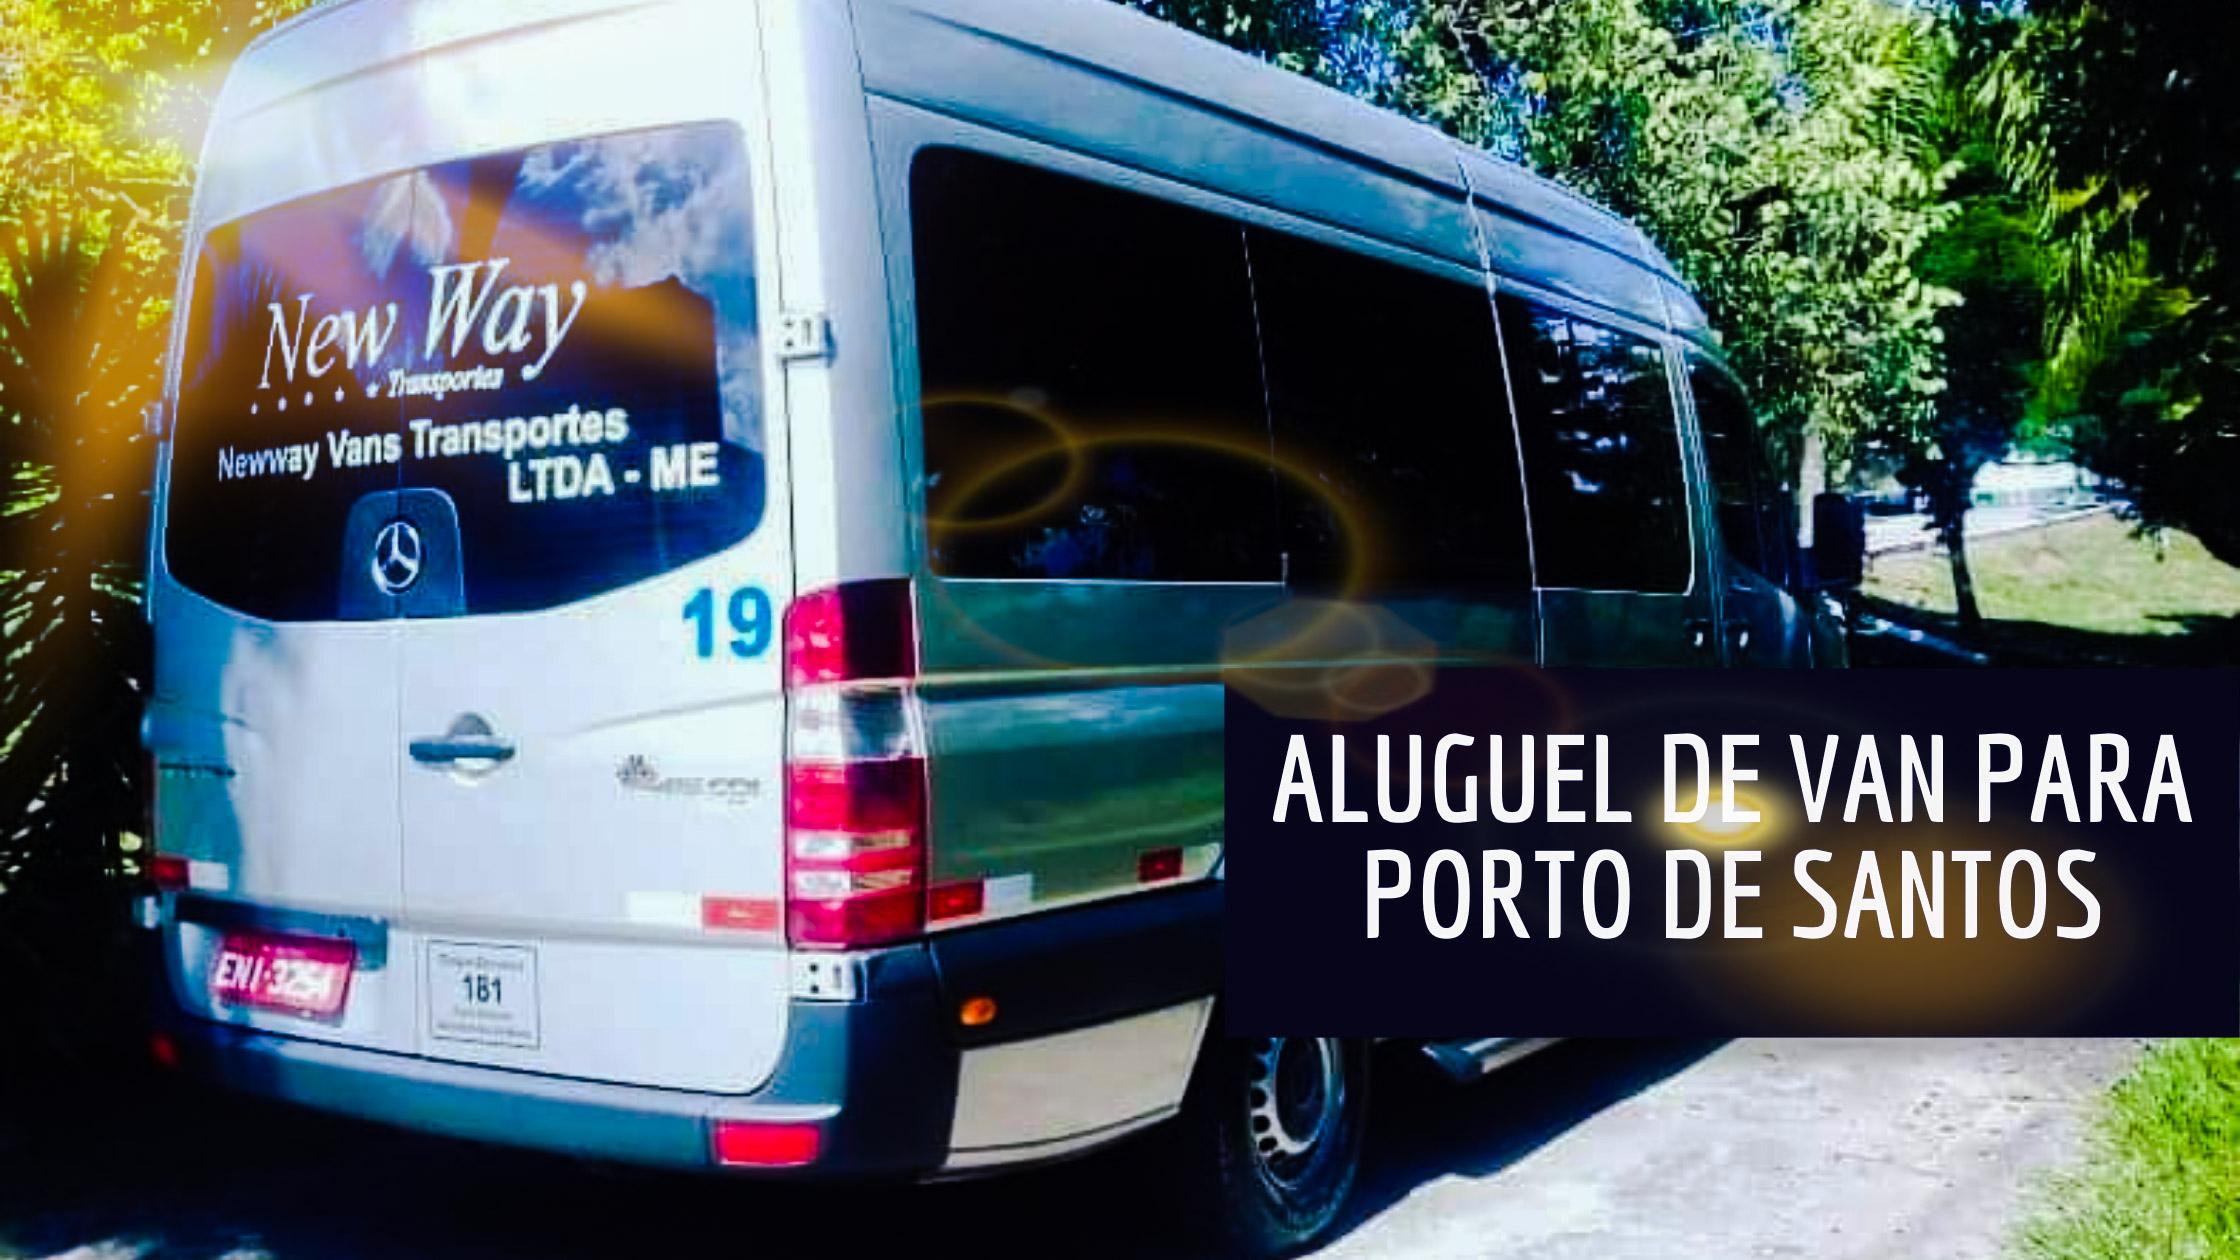 Aluguel-de-van-para-o-Porto-de-Santos